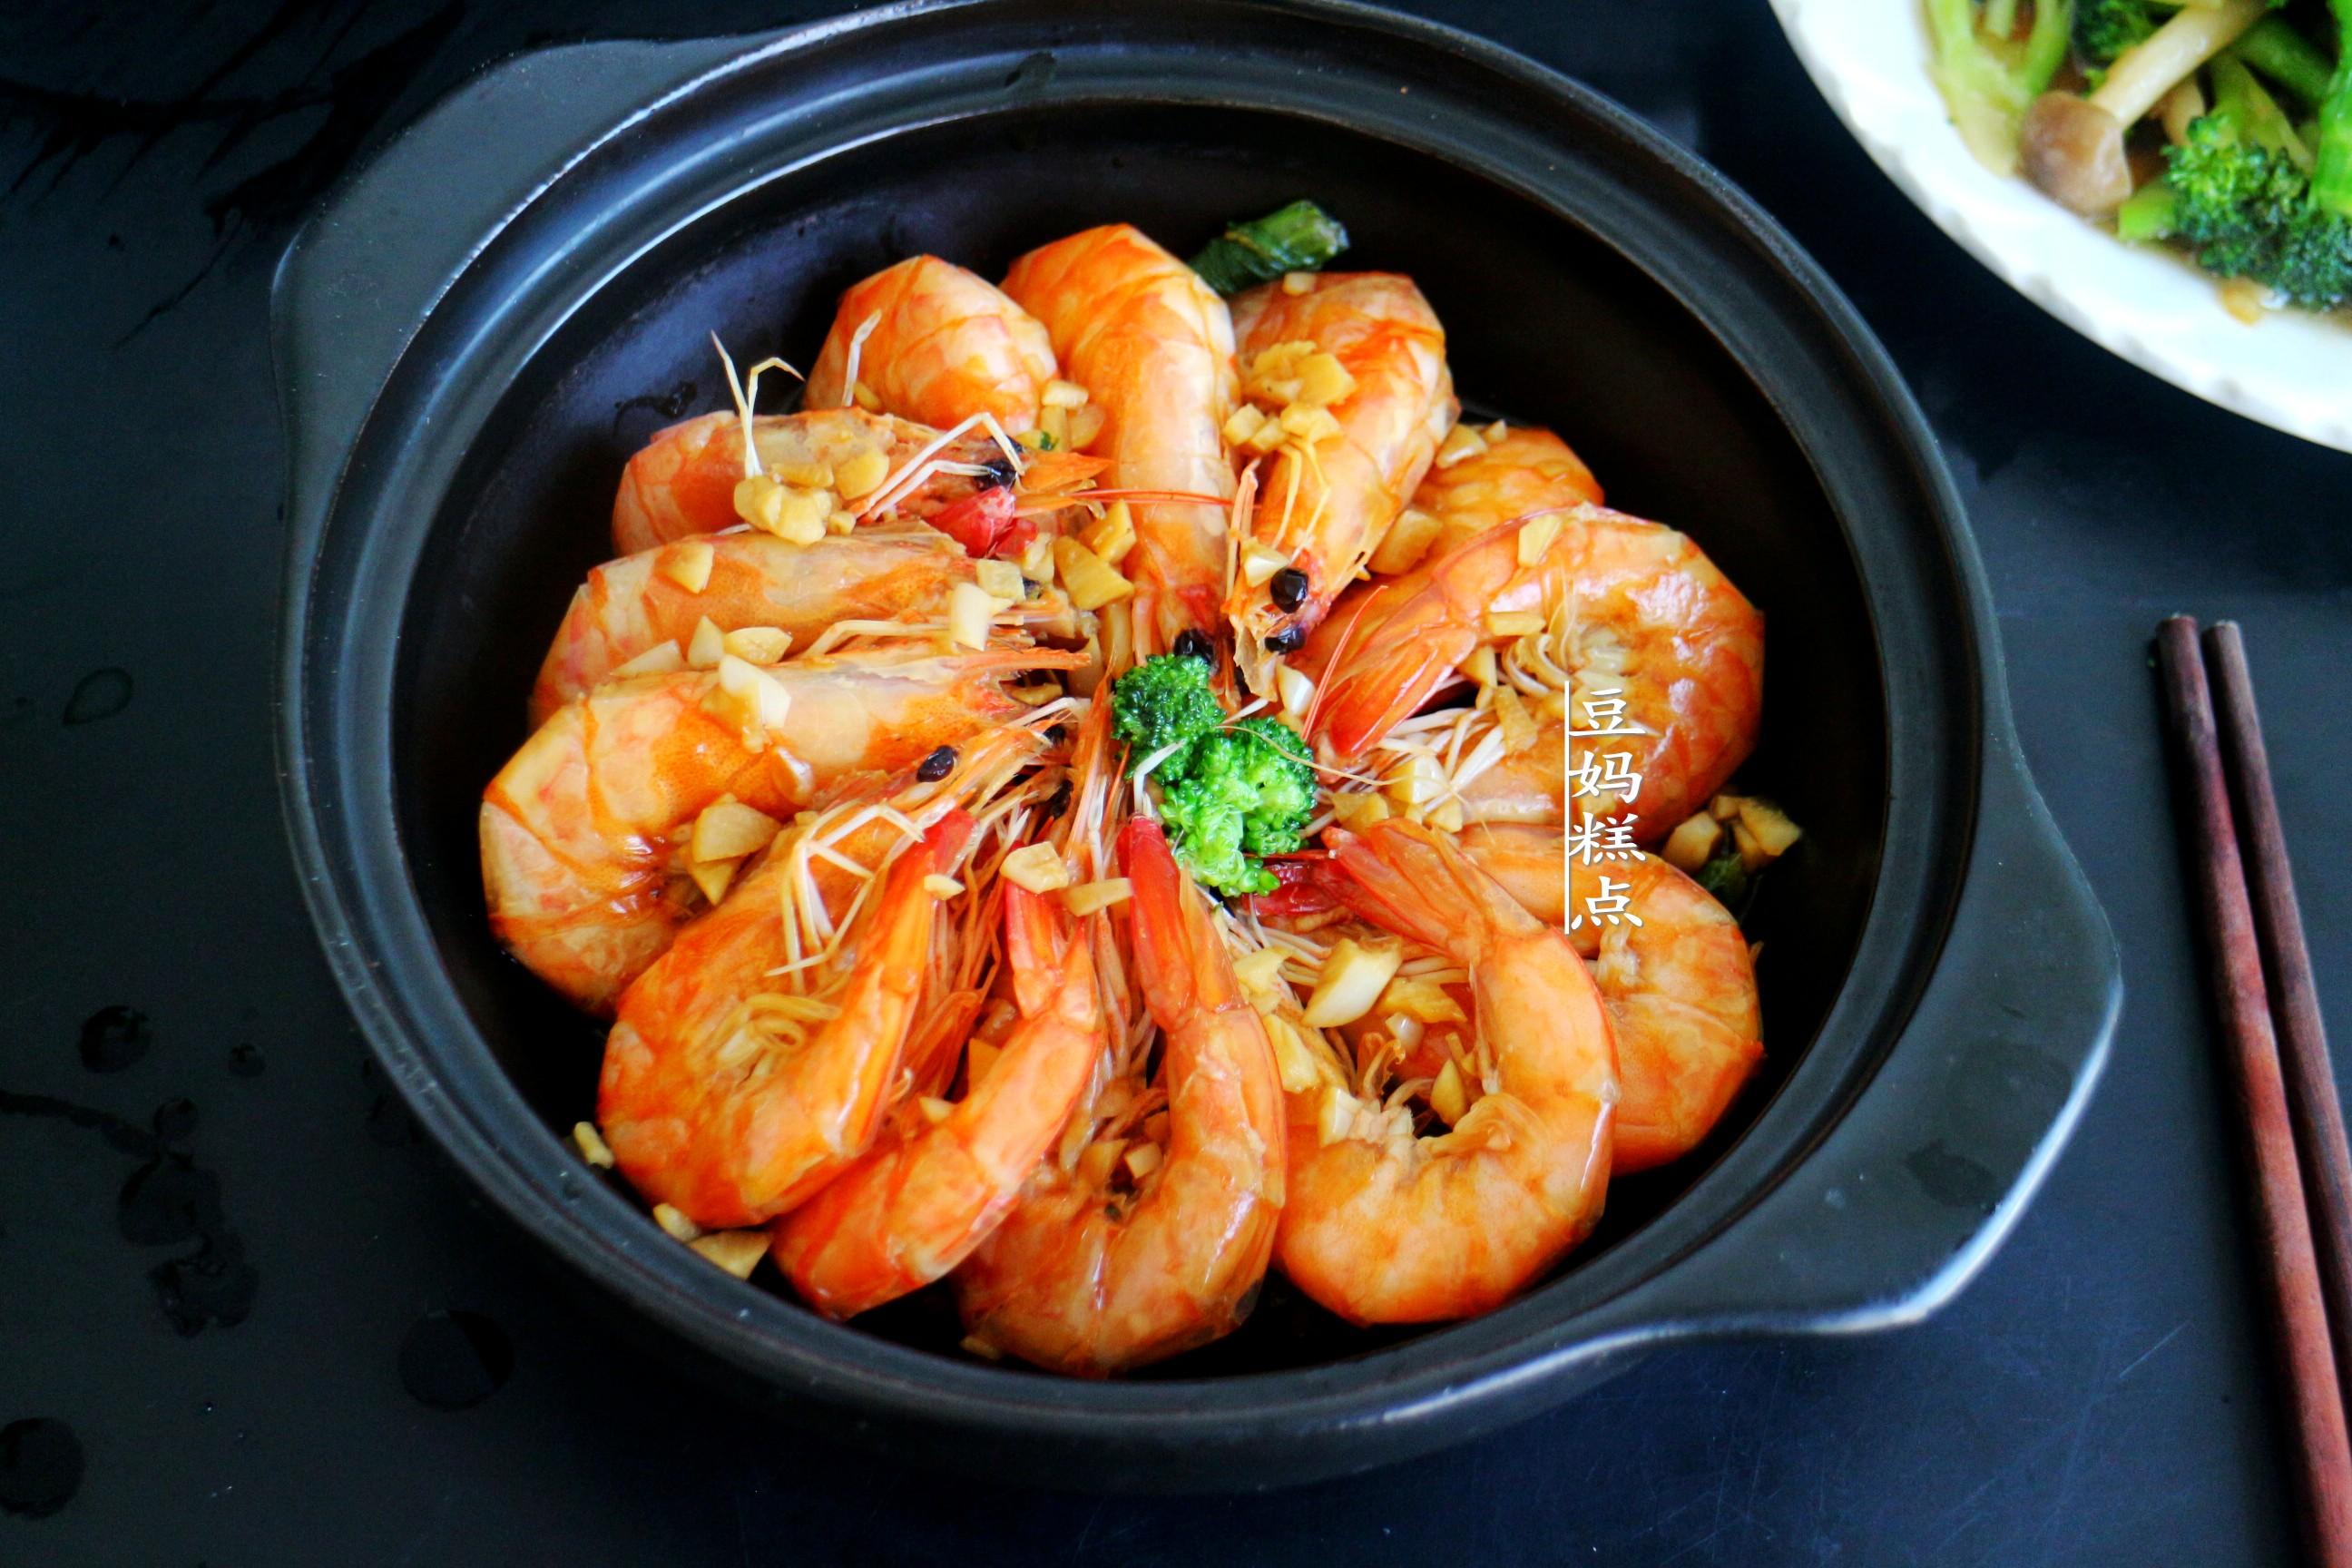 8道菜简单又好吃 美食做法 第1张